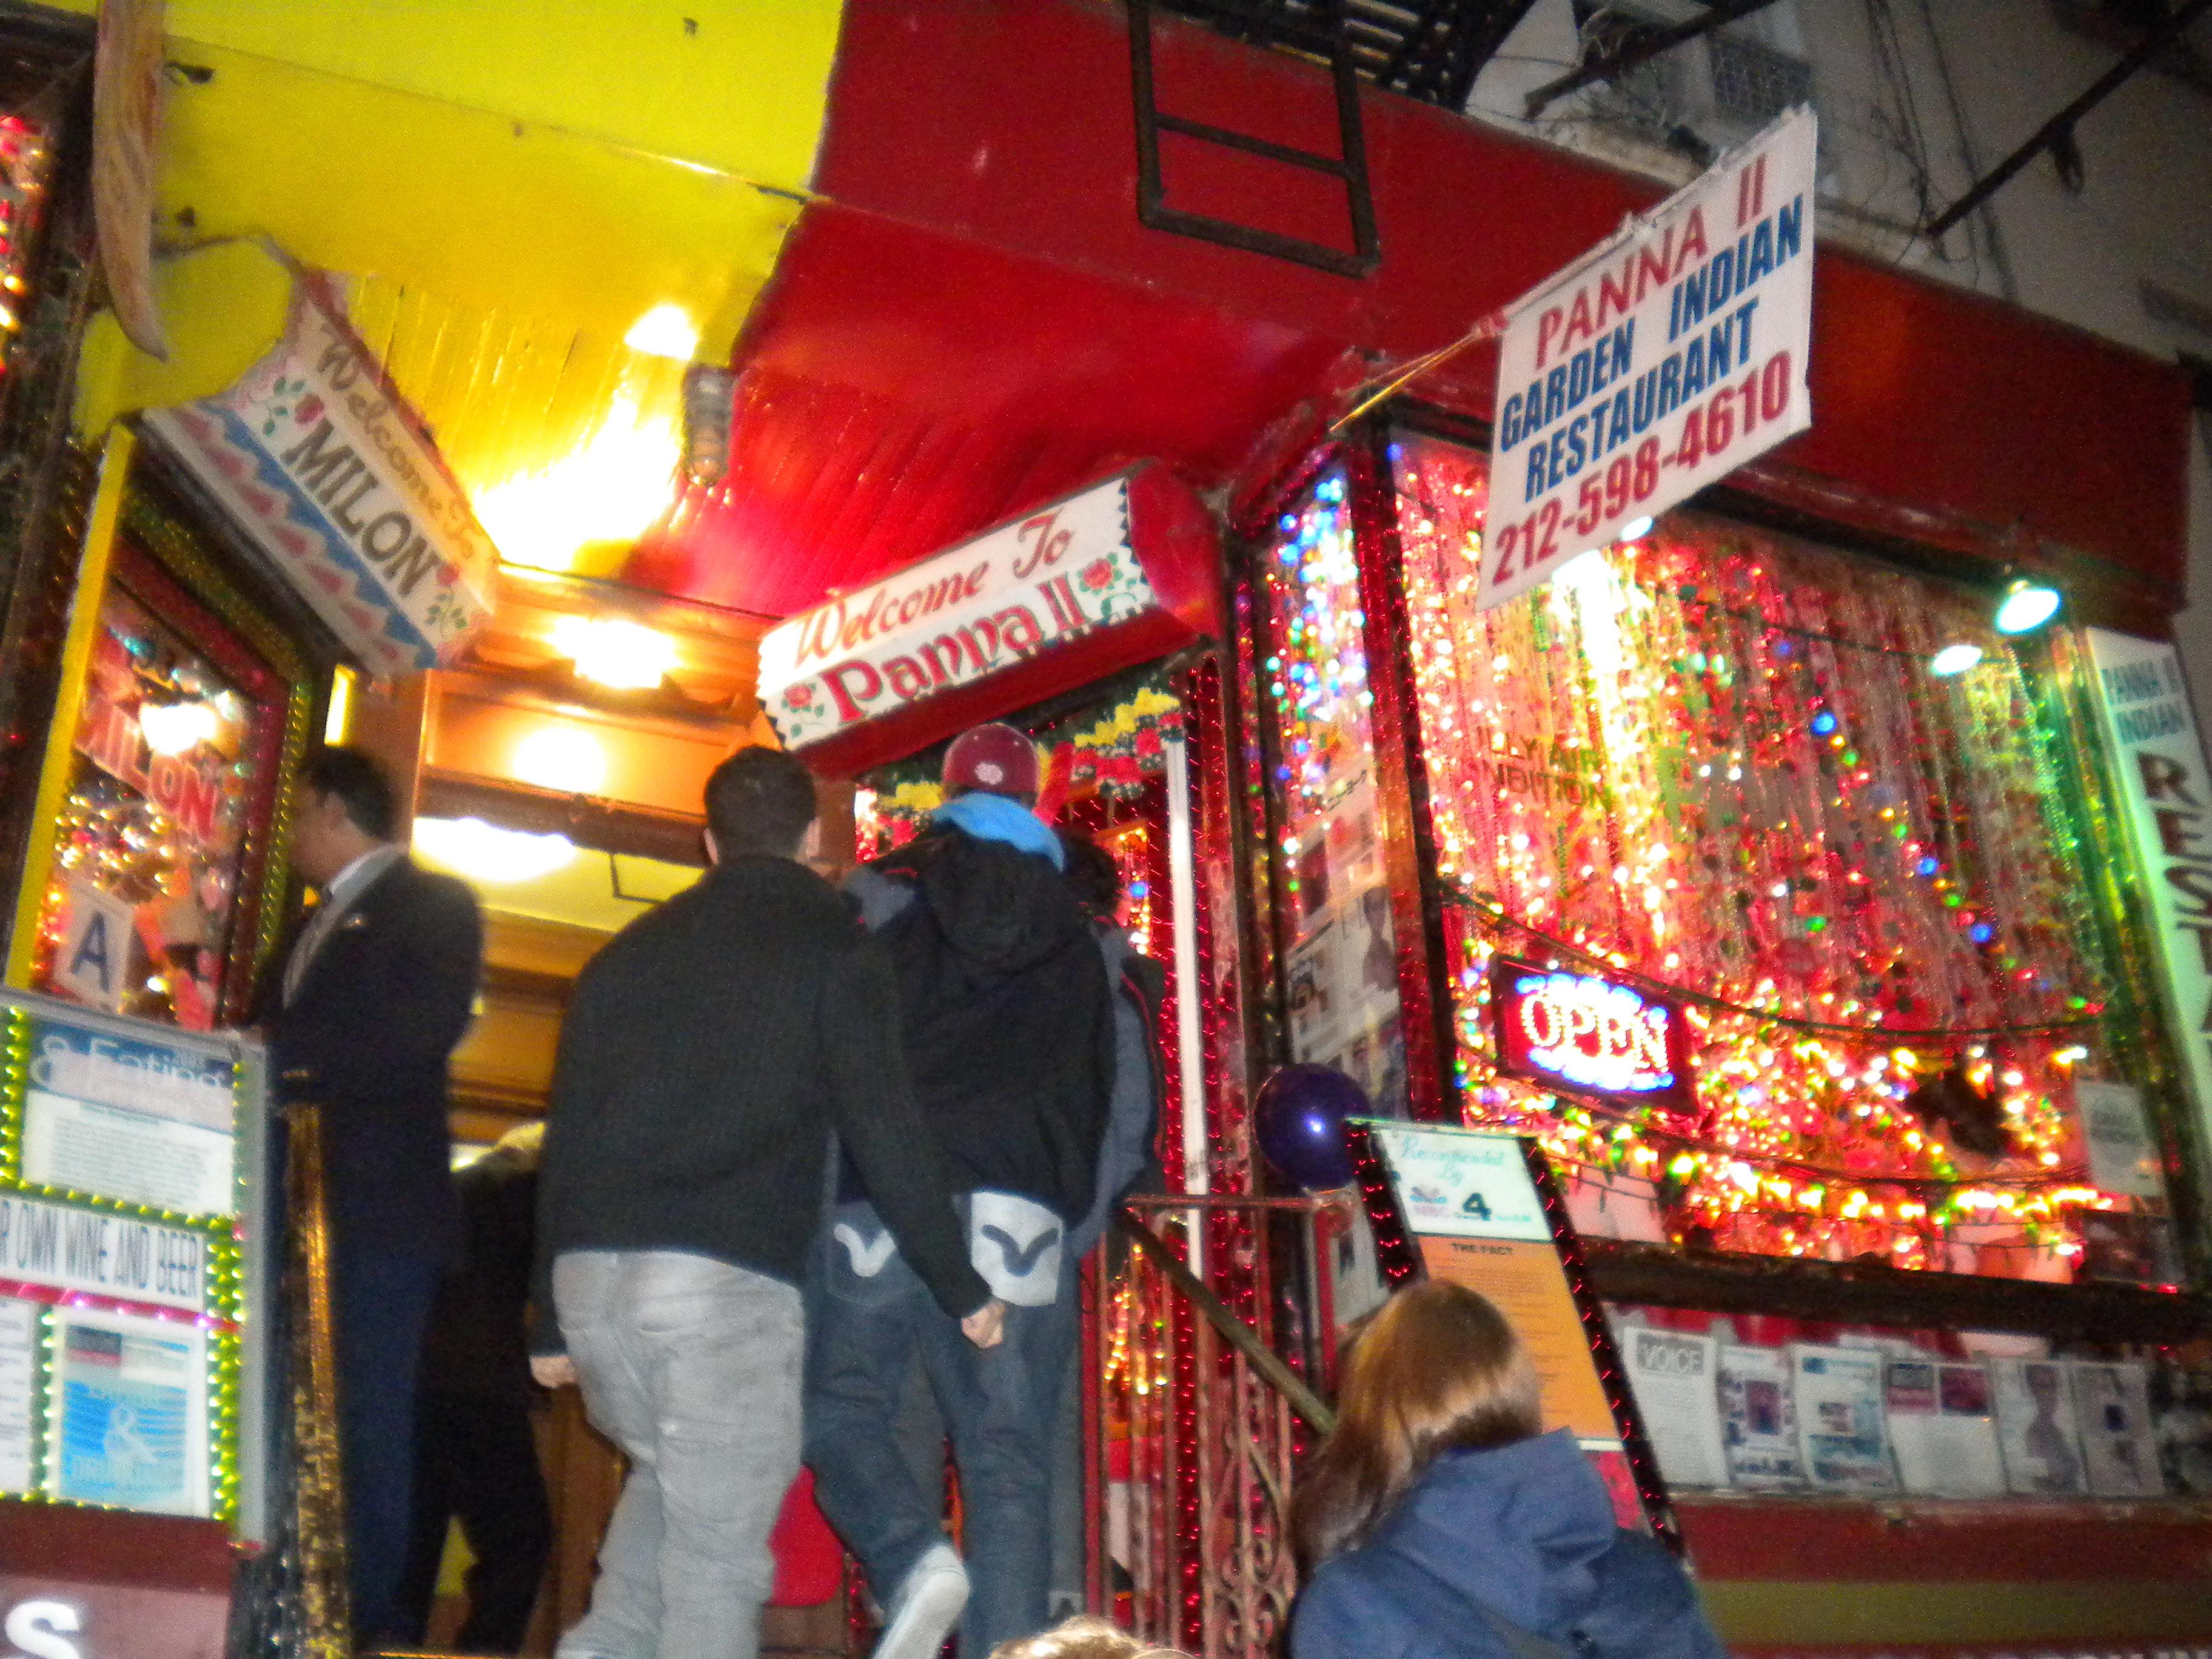 Gem of the week panna ii garden indian restaurant it 39 s - Panna ii garden indian restaurant ...